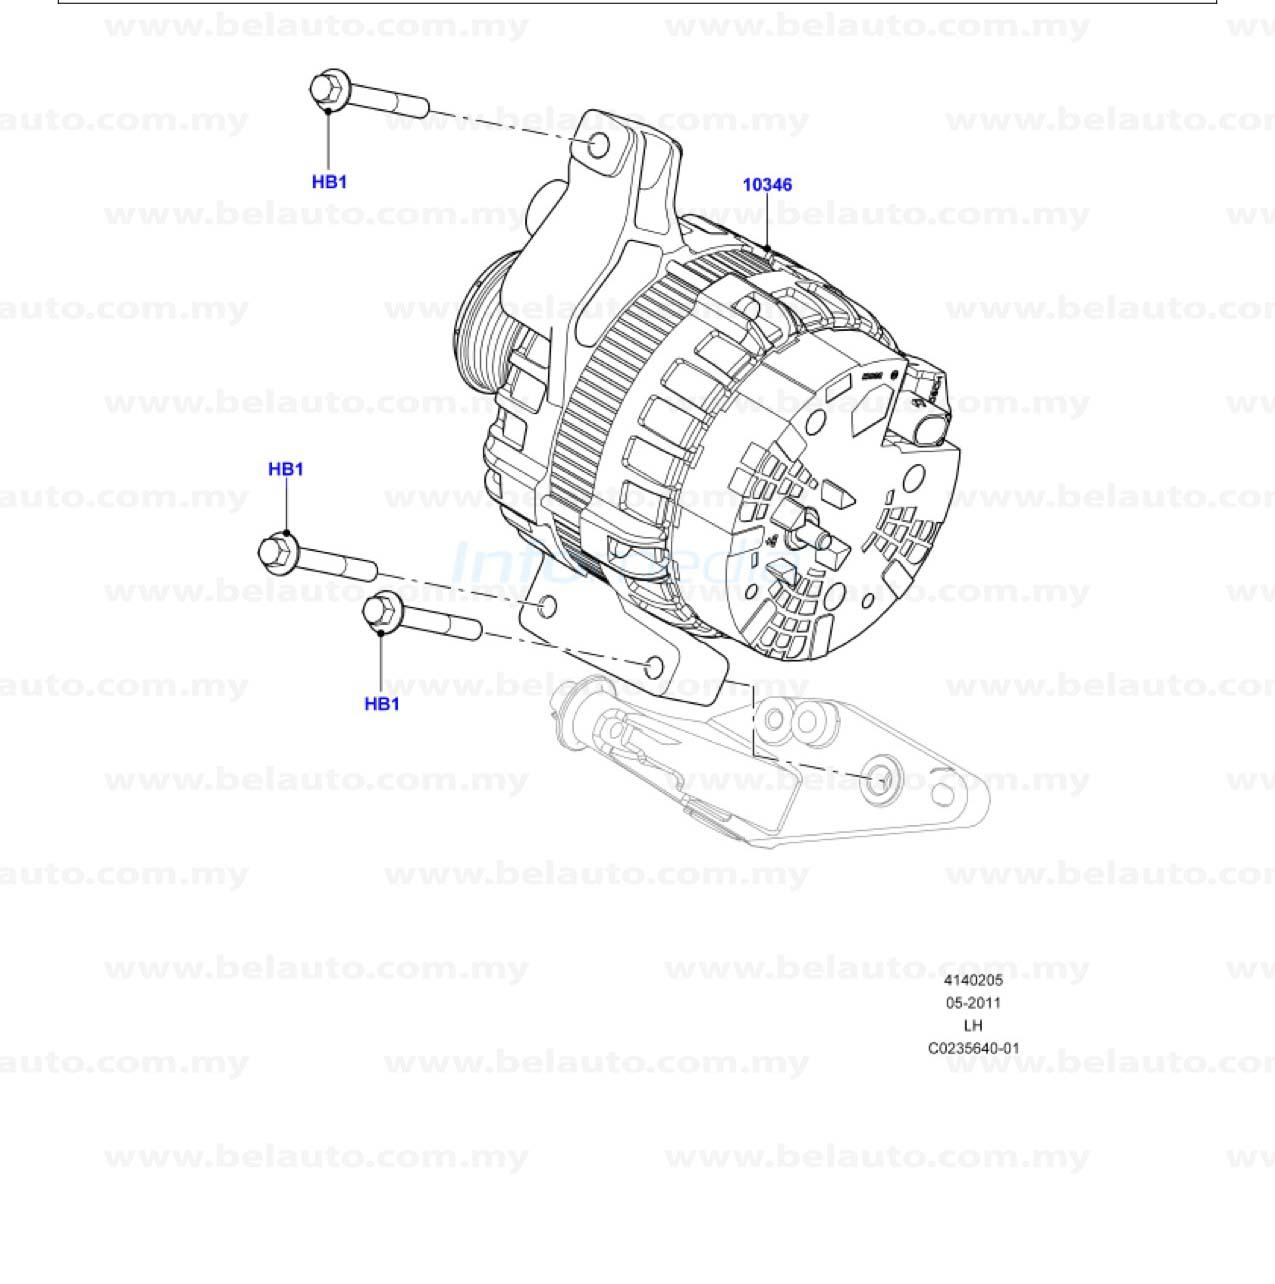 414 02 05a Land Rover Evoque Spare Part Malaysia 1